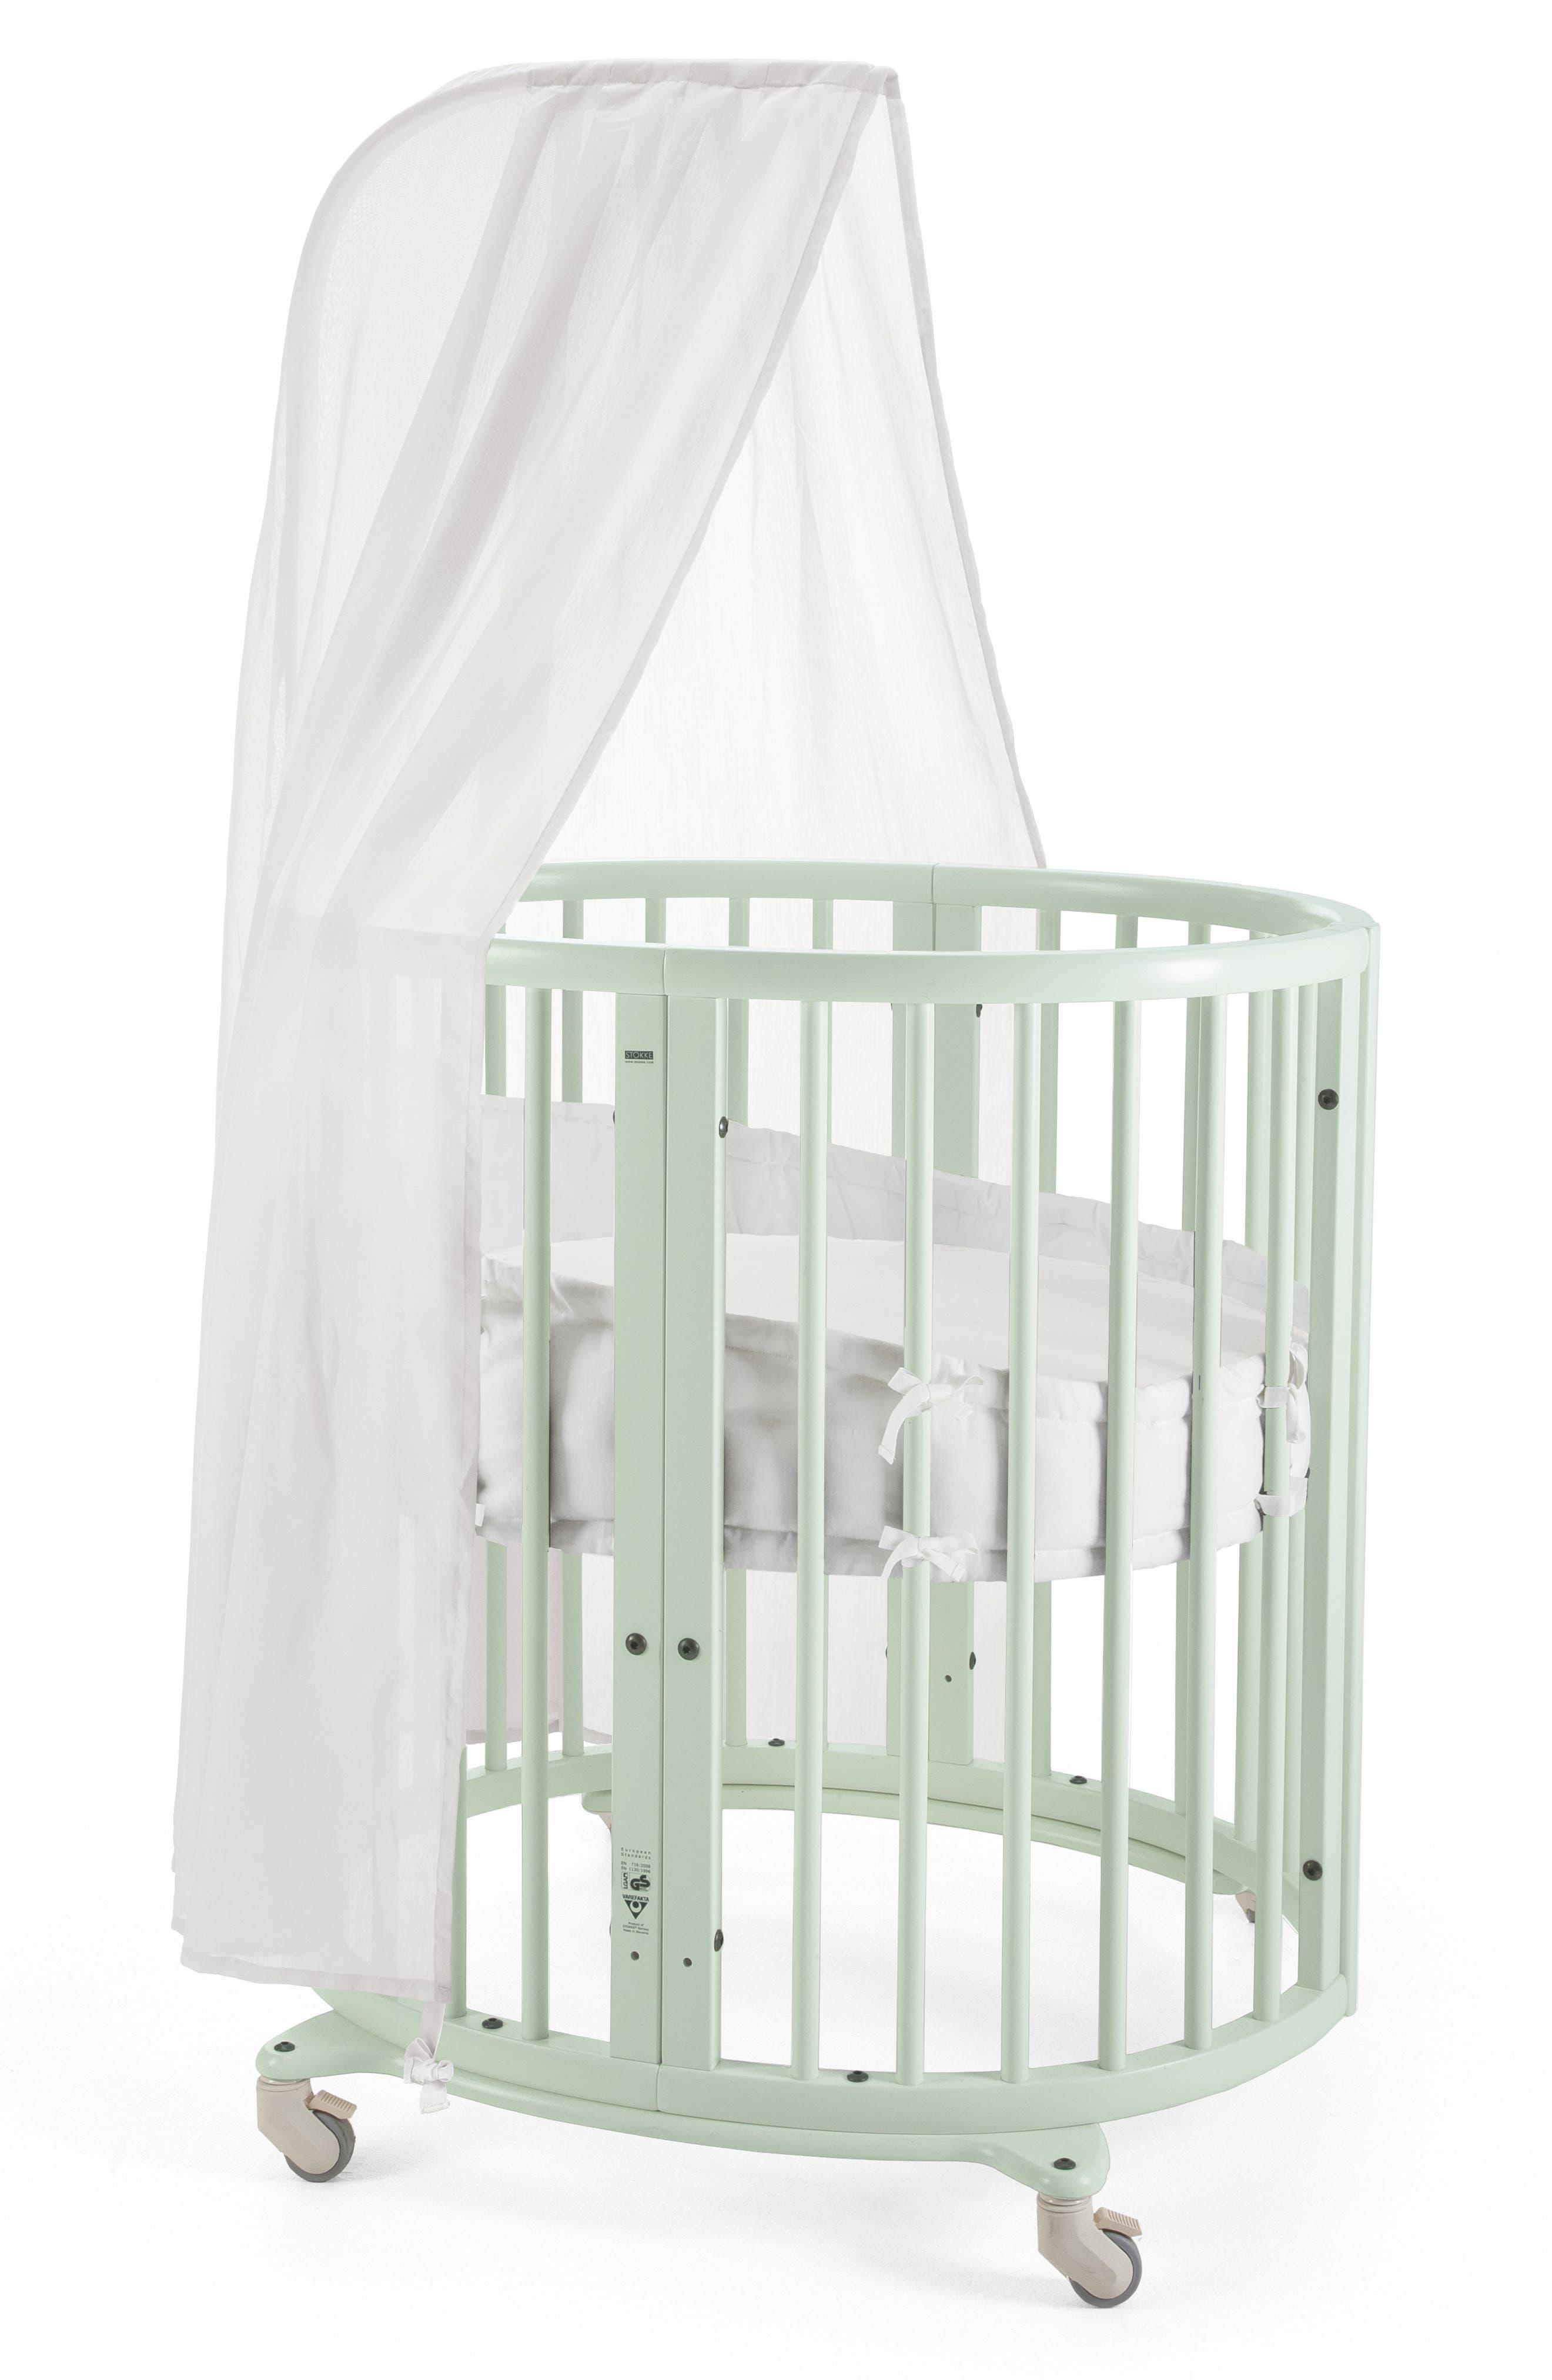 STOKKE, Sleepi Mini Crib, Drape Rod & Mattress Bundle, Alternate thumbnail 2, color, MINT GREEN